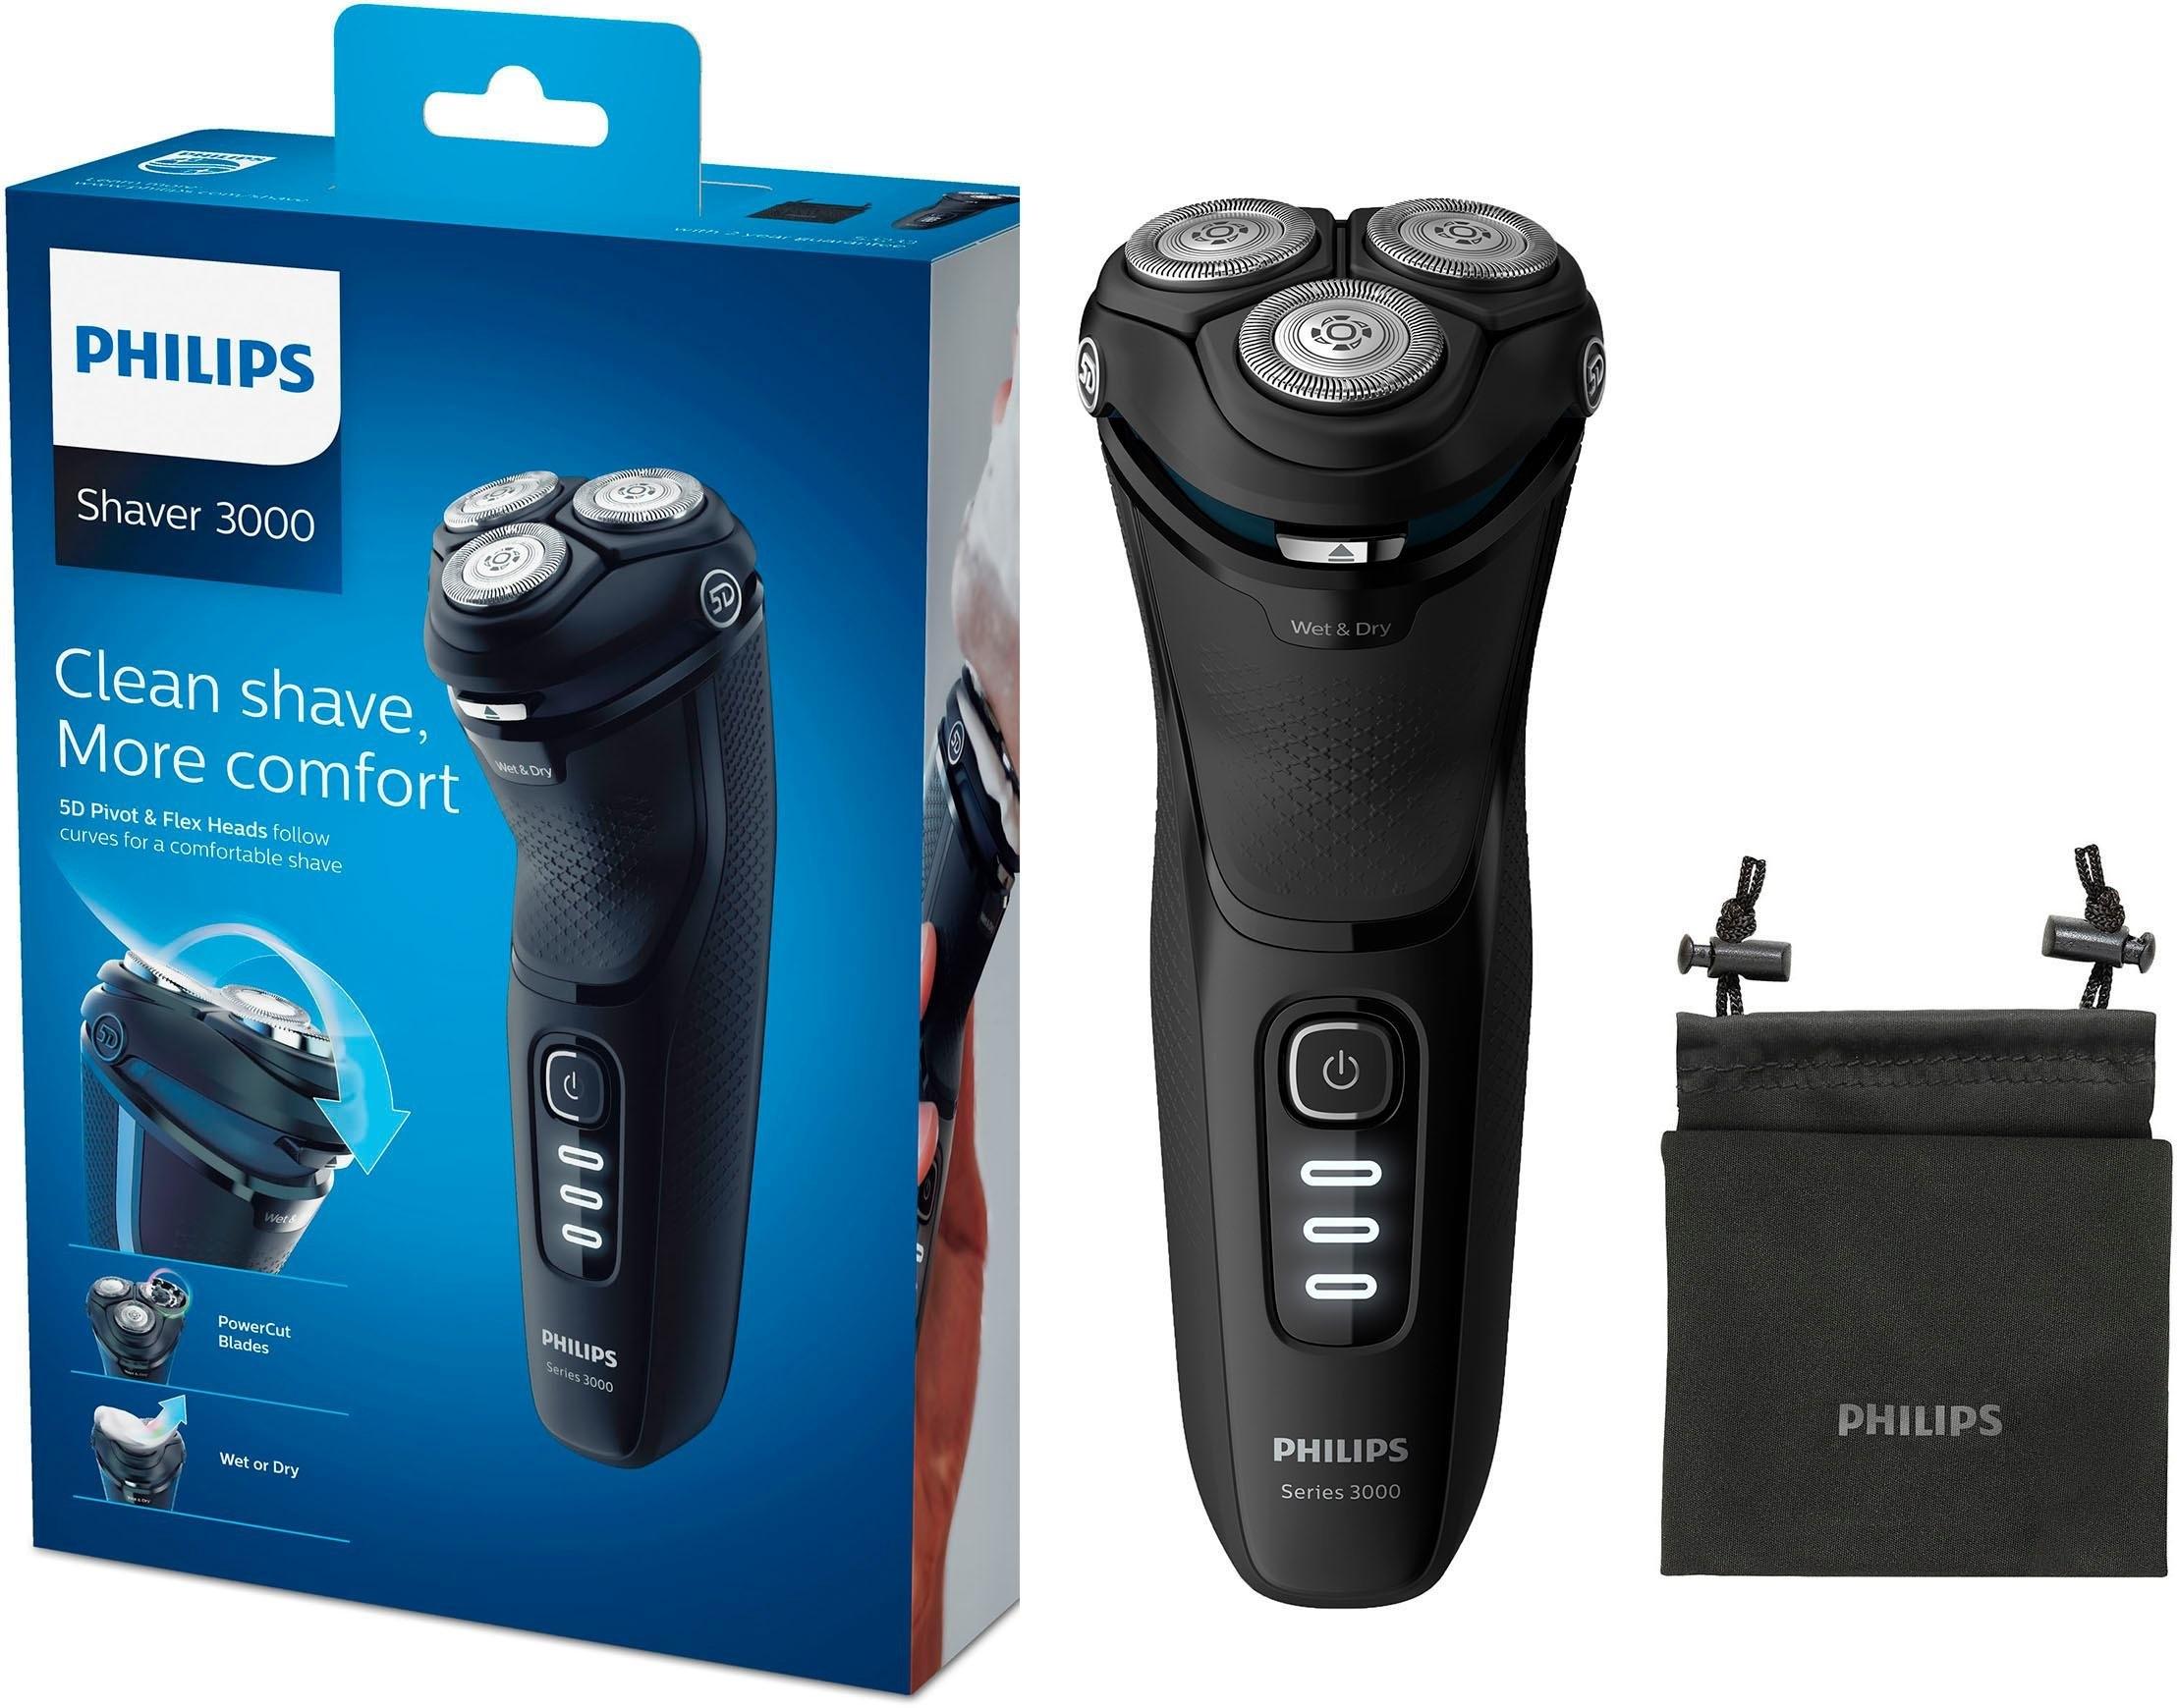 Philips elektrisch scheerapparaat S3233/52 Series 3200, uitklapbare trimmer voordelig en veilig online kopen